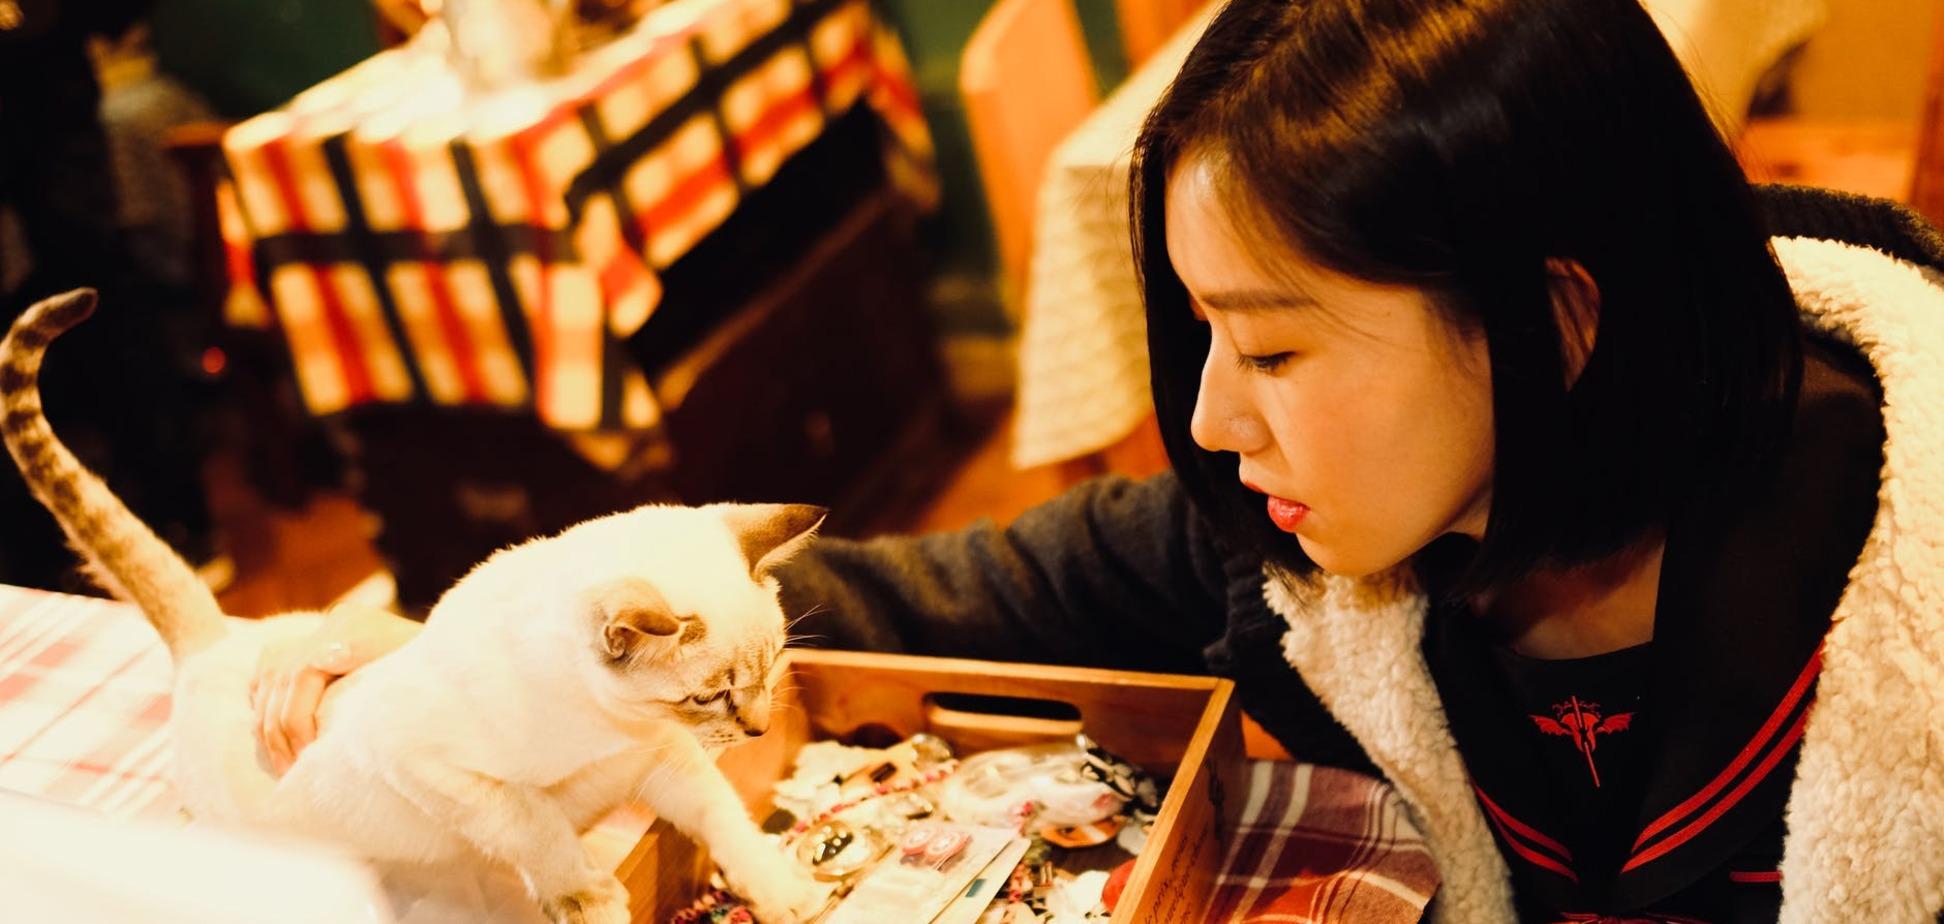 Терапия пушистиками: отель в Японии предлагает гостям необычные услуги